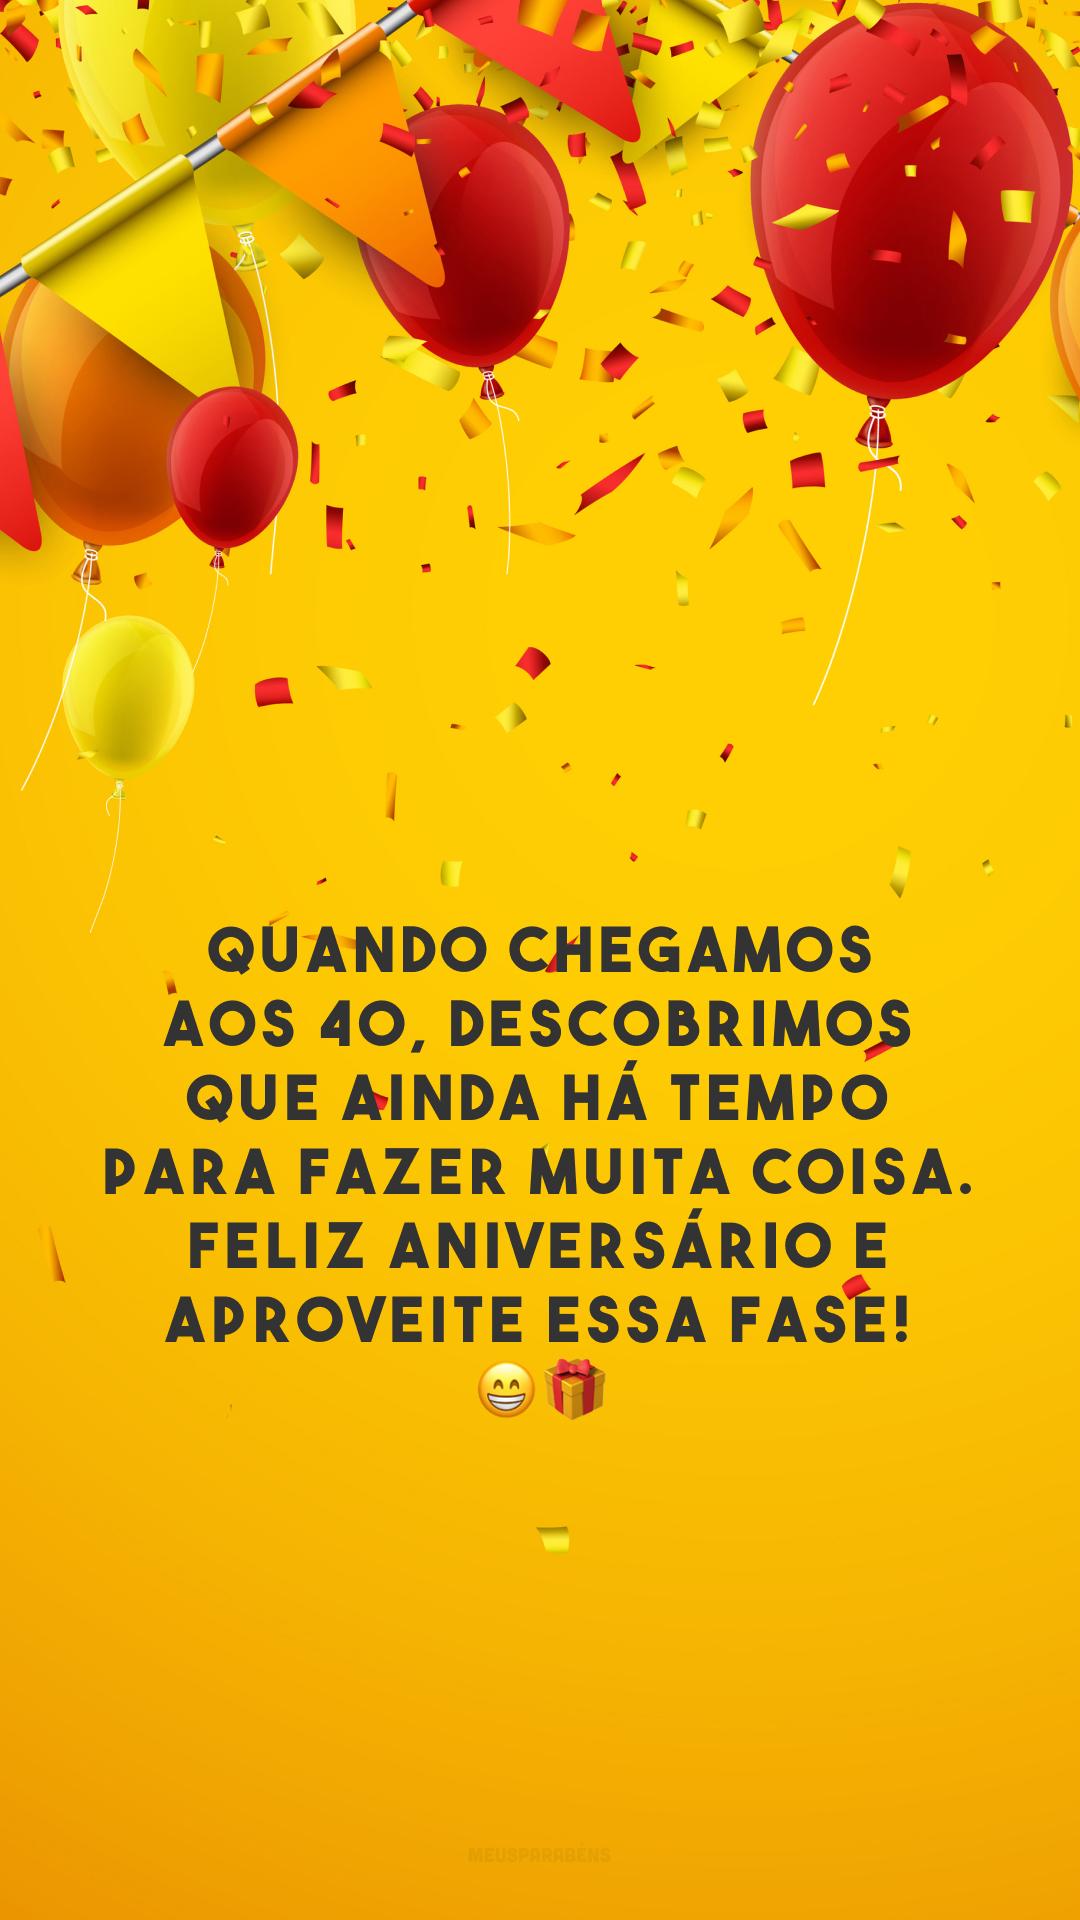 Quando chegamos aos 40, descobrimos que ainda há tempo para fazer muita coisa. Feliz aniversário e aproveite essa fase! 😁🎁